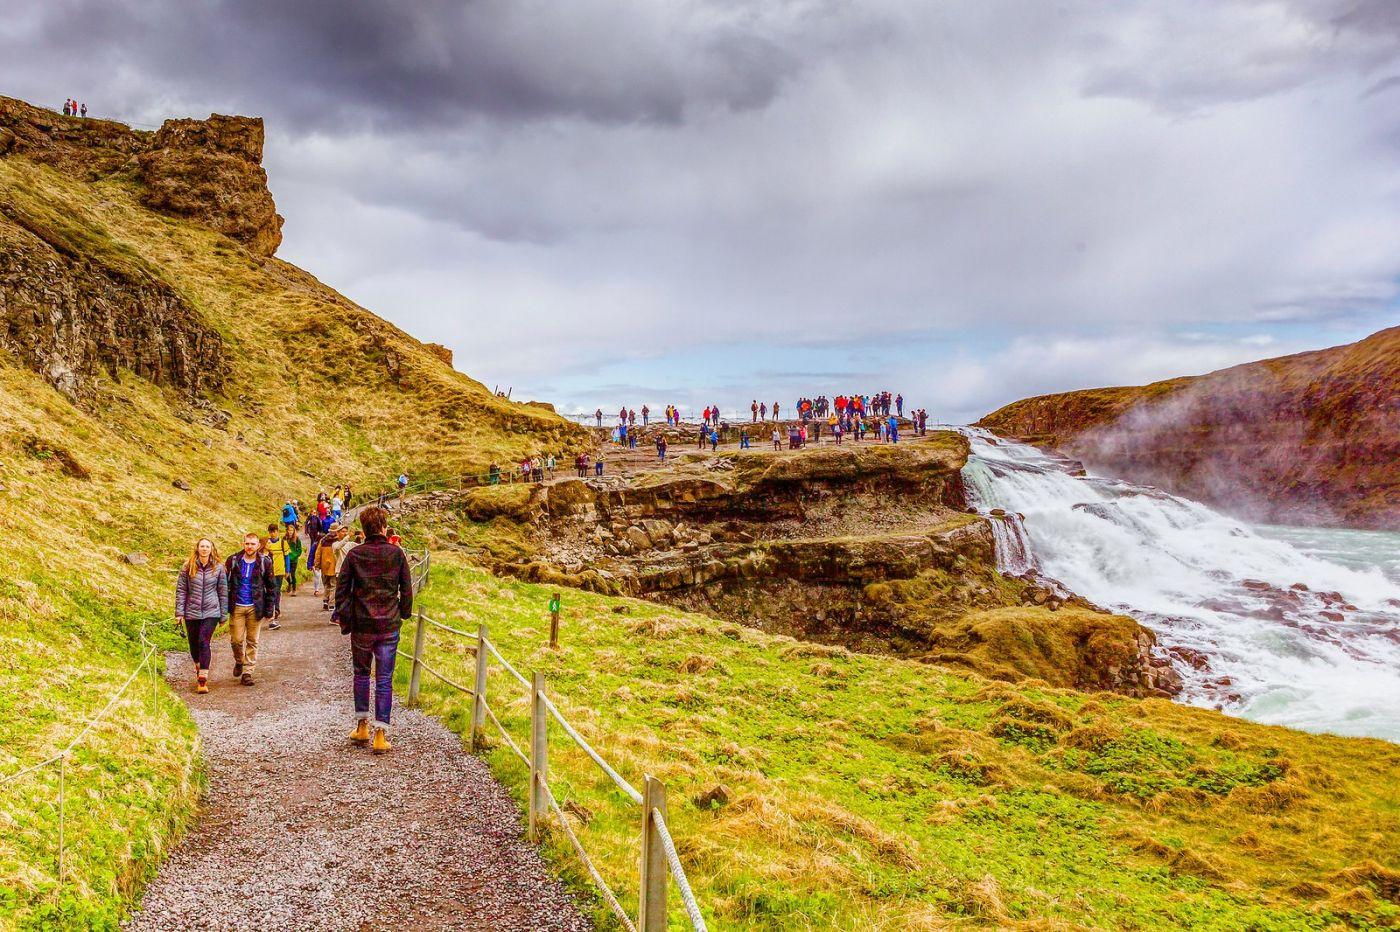 冰岛古佛斯瀑布(Gullfoss),气势磅礴_图1-2